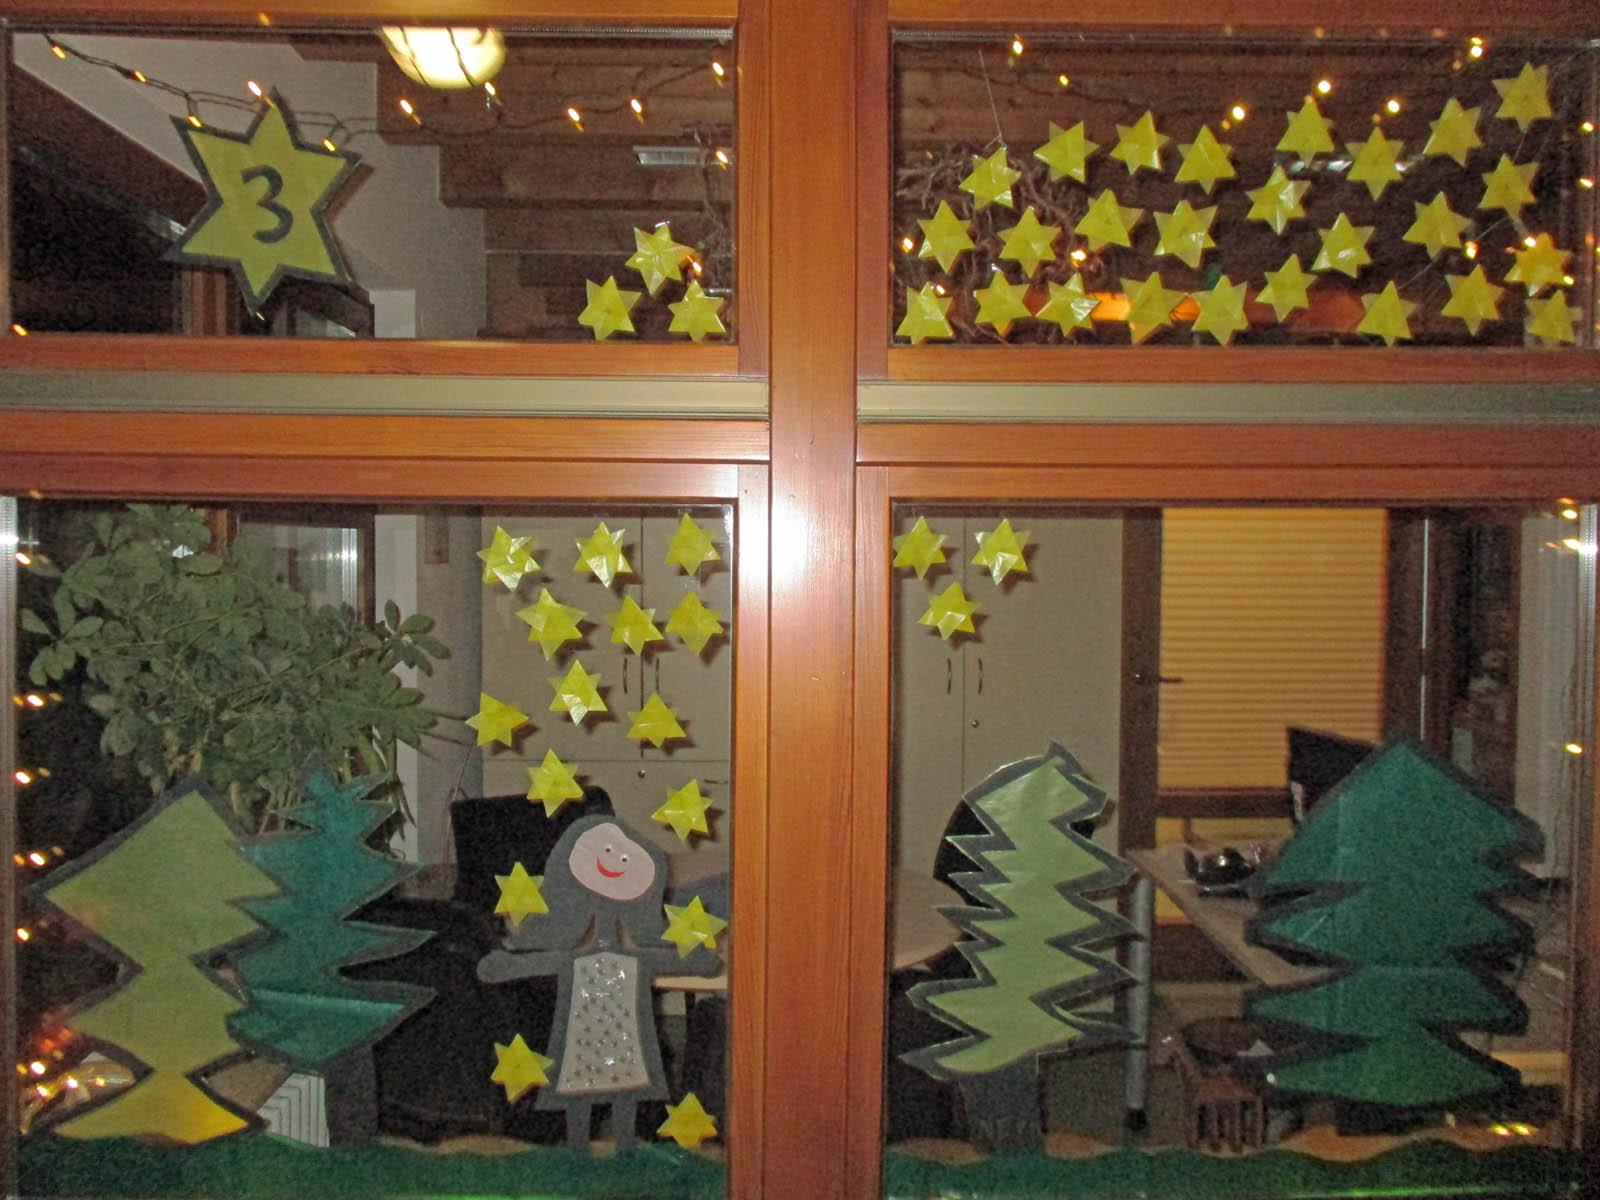 Das Adventsfenster des Kindergartens Sonnenschein zeigt das Märchen vom Sterntaler.